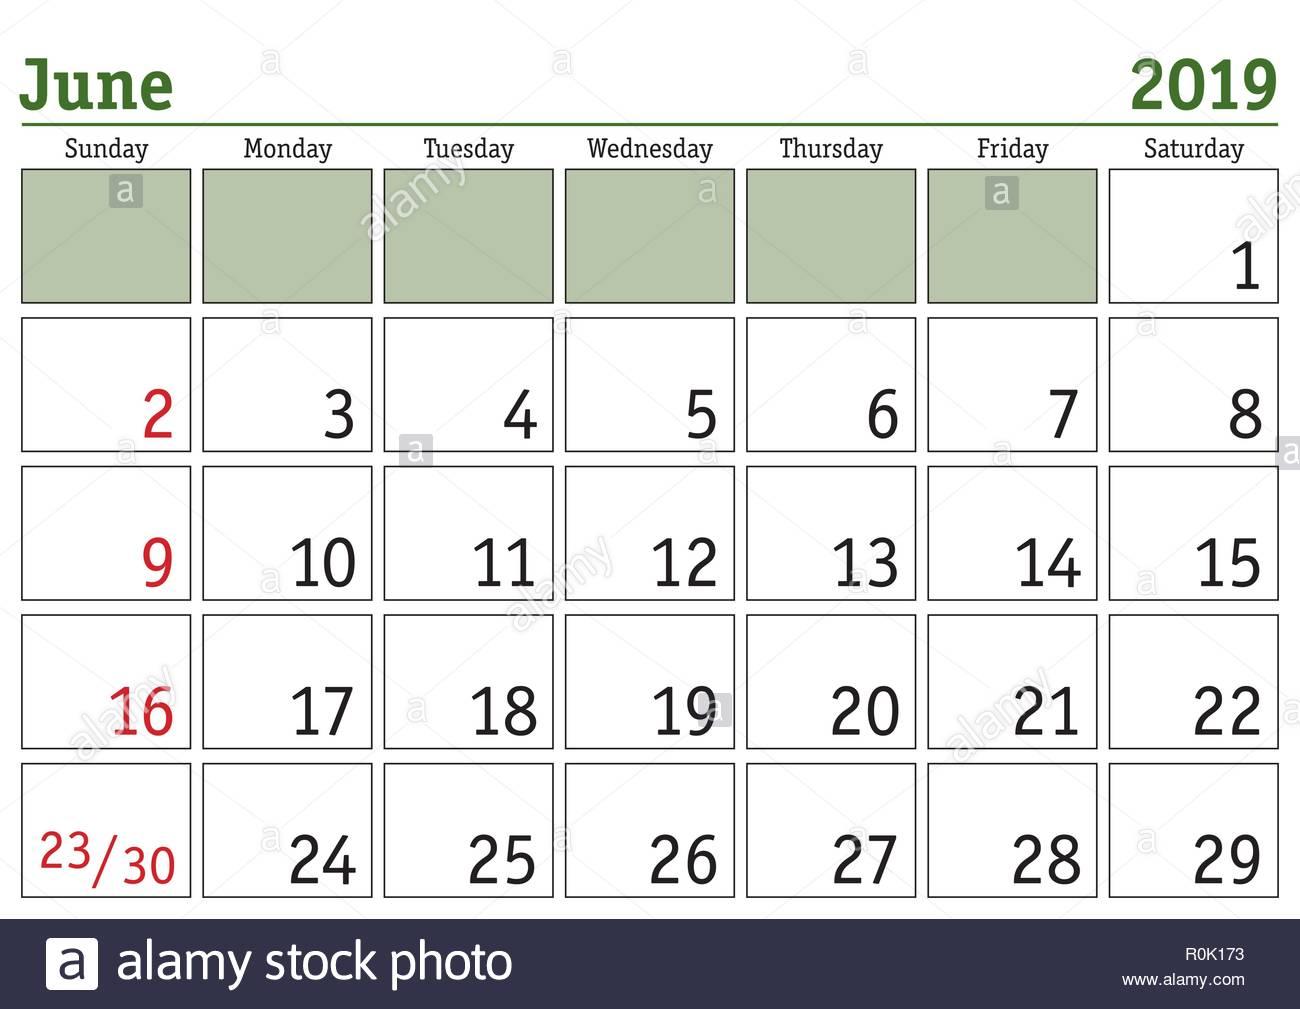 Calendrier Mensuel Juin 2019.Calendrier Numerique Simple Pour Juin 2019 Vector Version